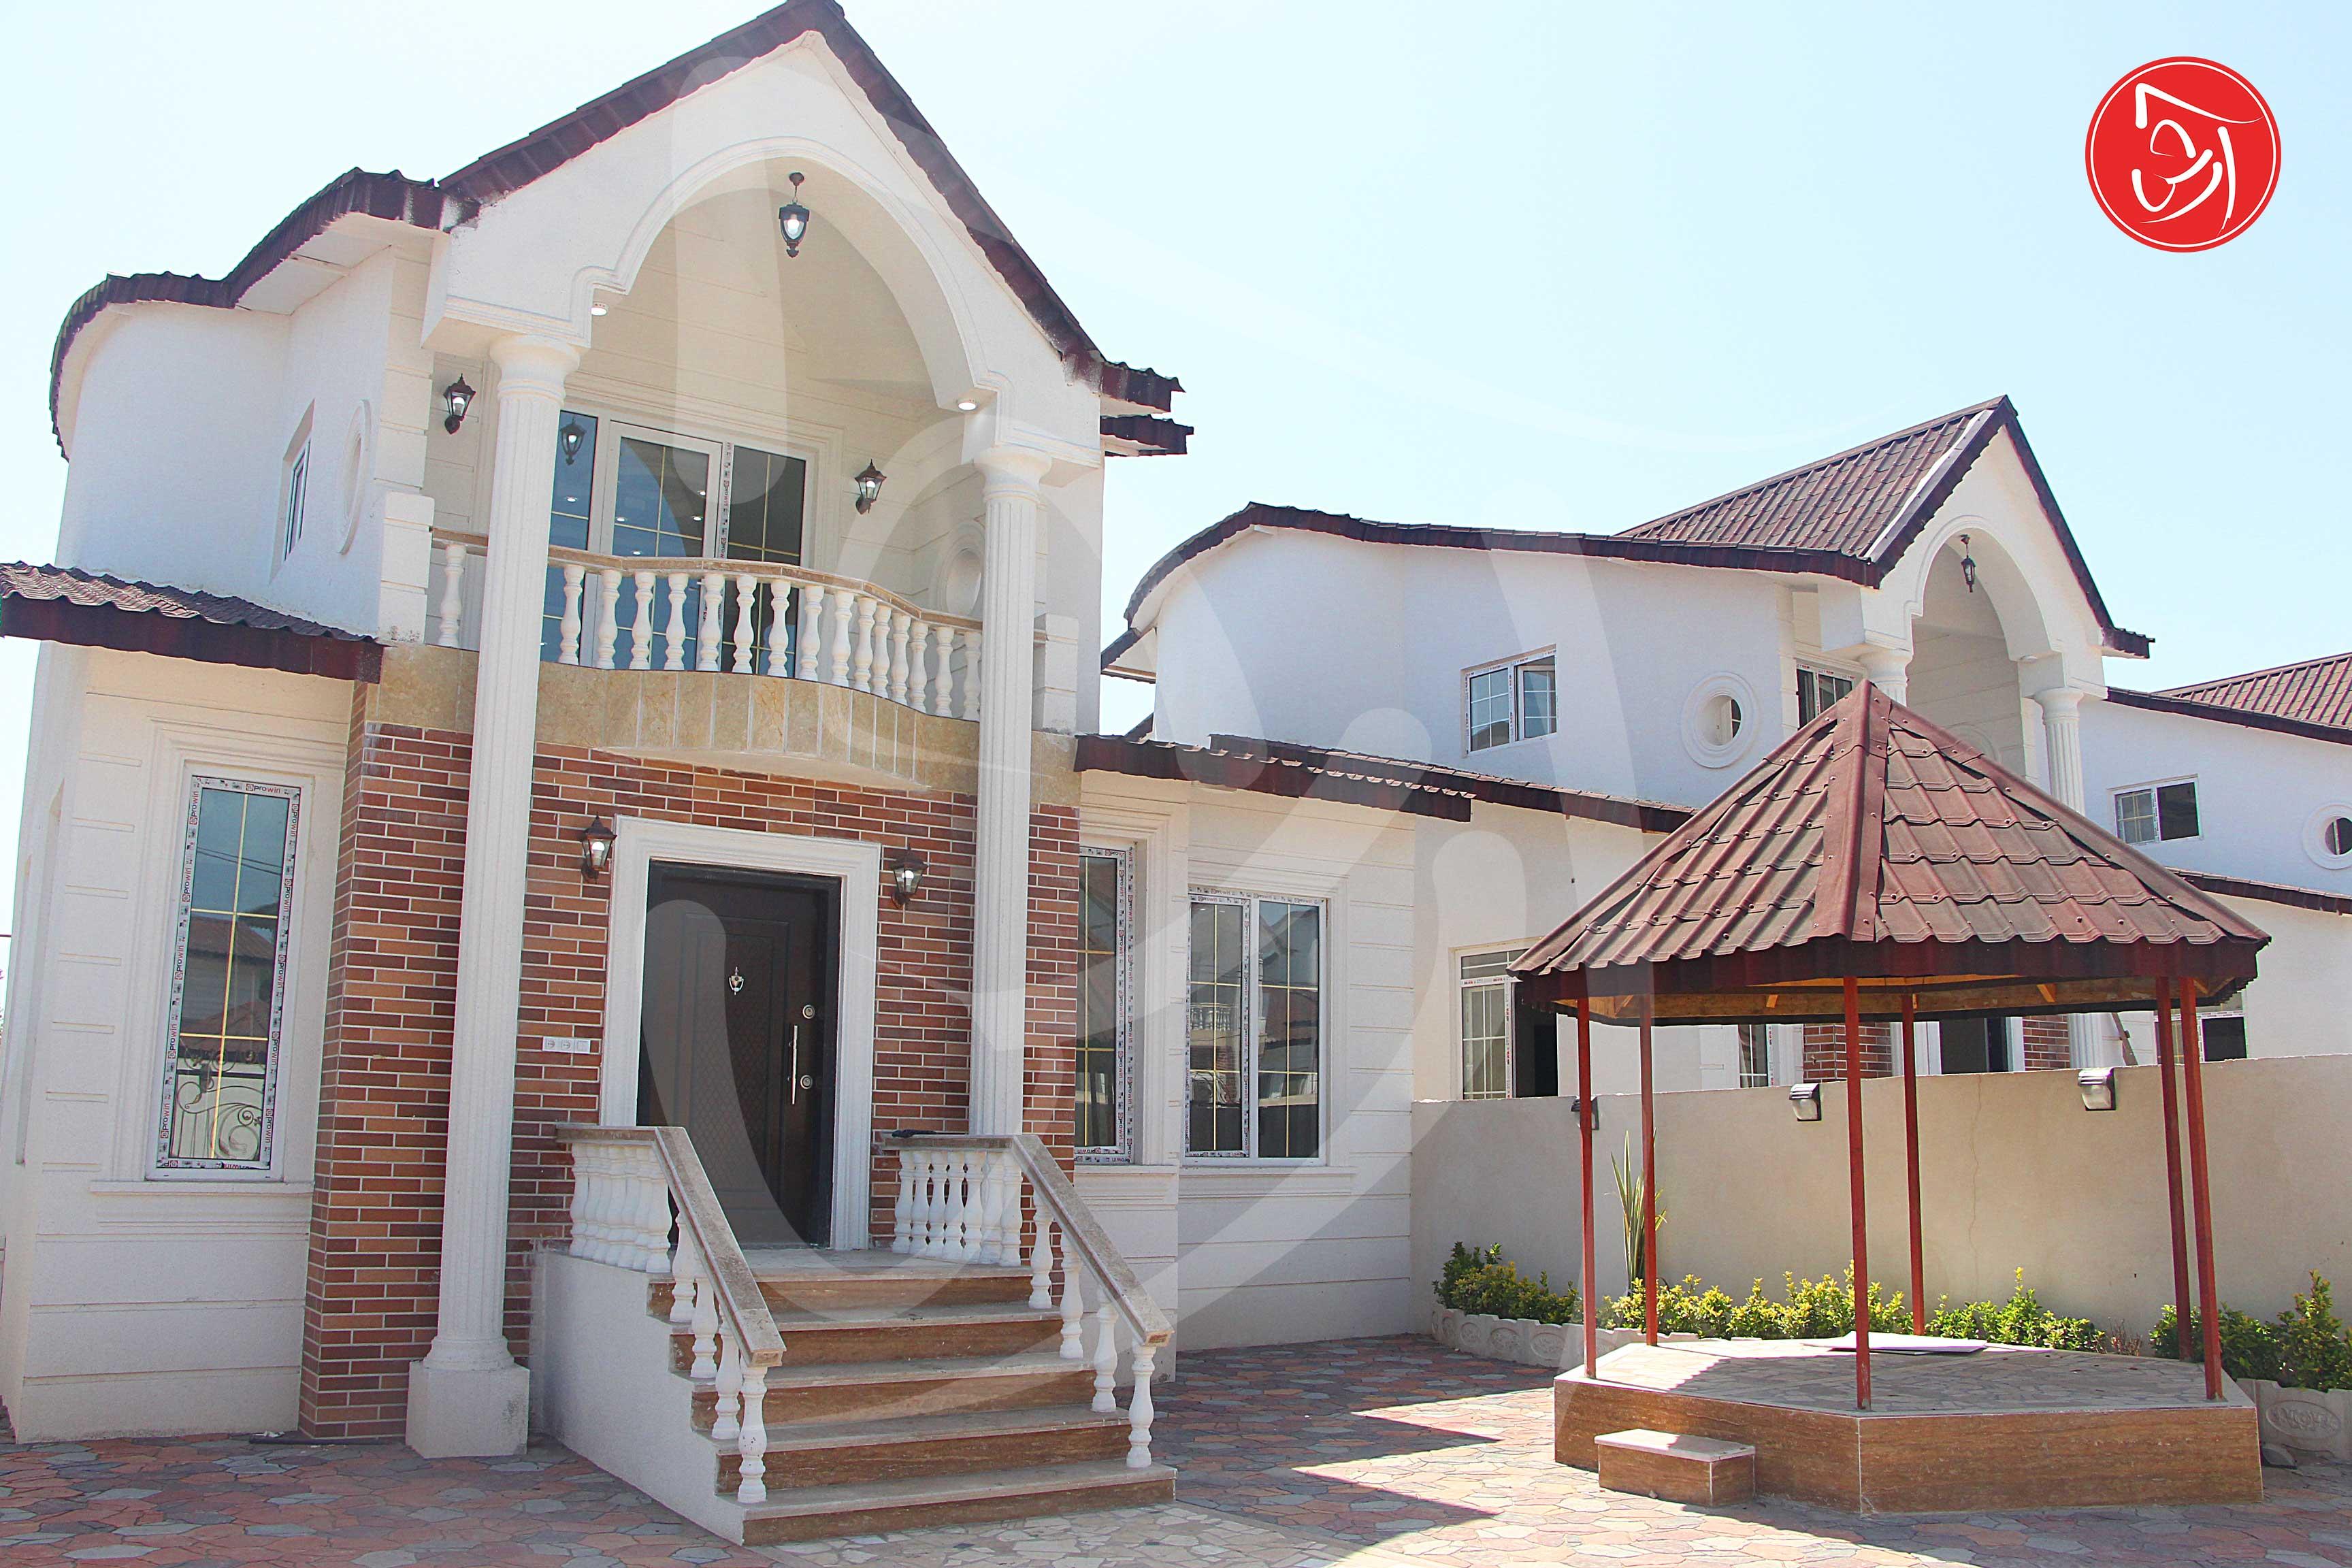 فروش ویلا ساحلی شهرک در زیباکنار شهرک آرش ۵ کد ۸۴۶